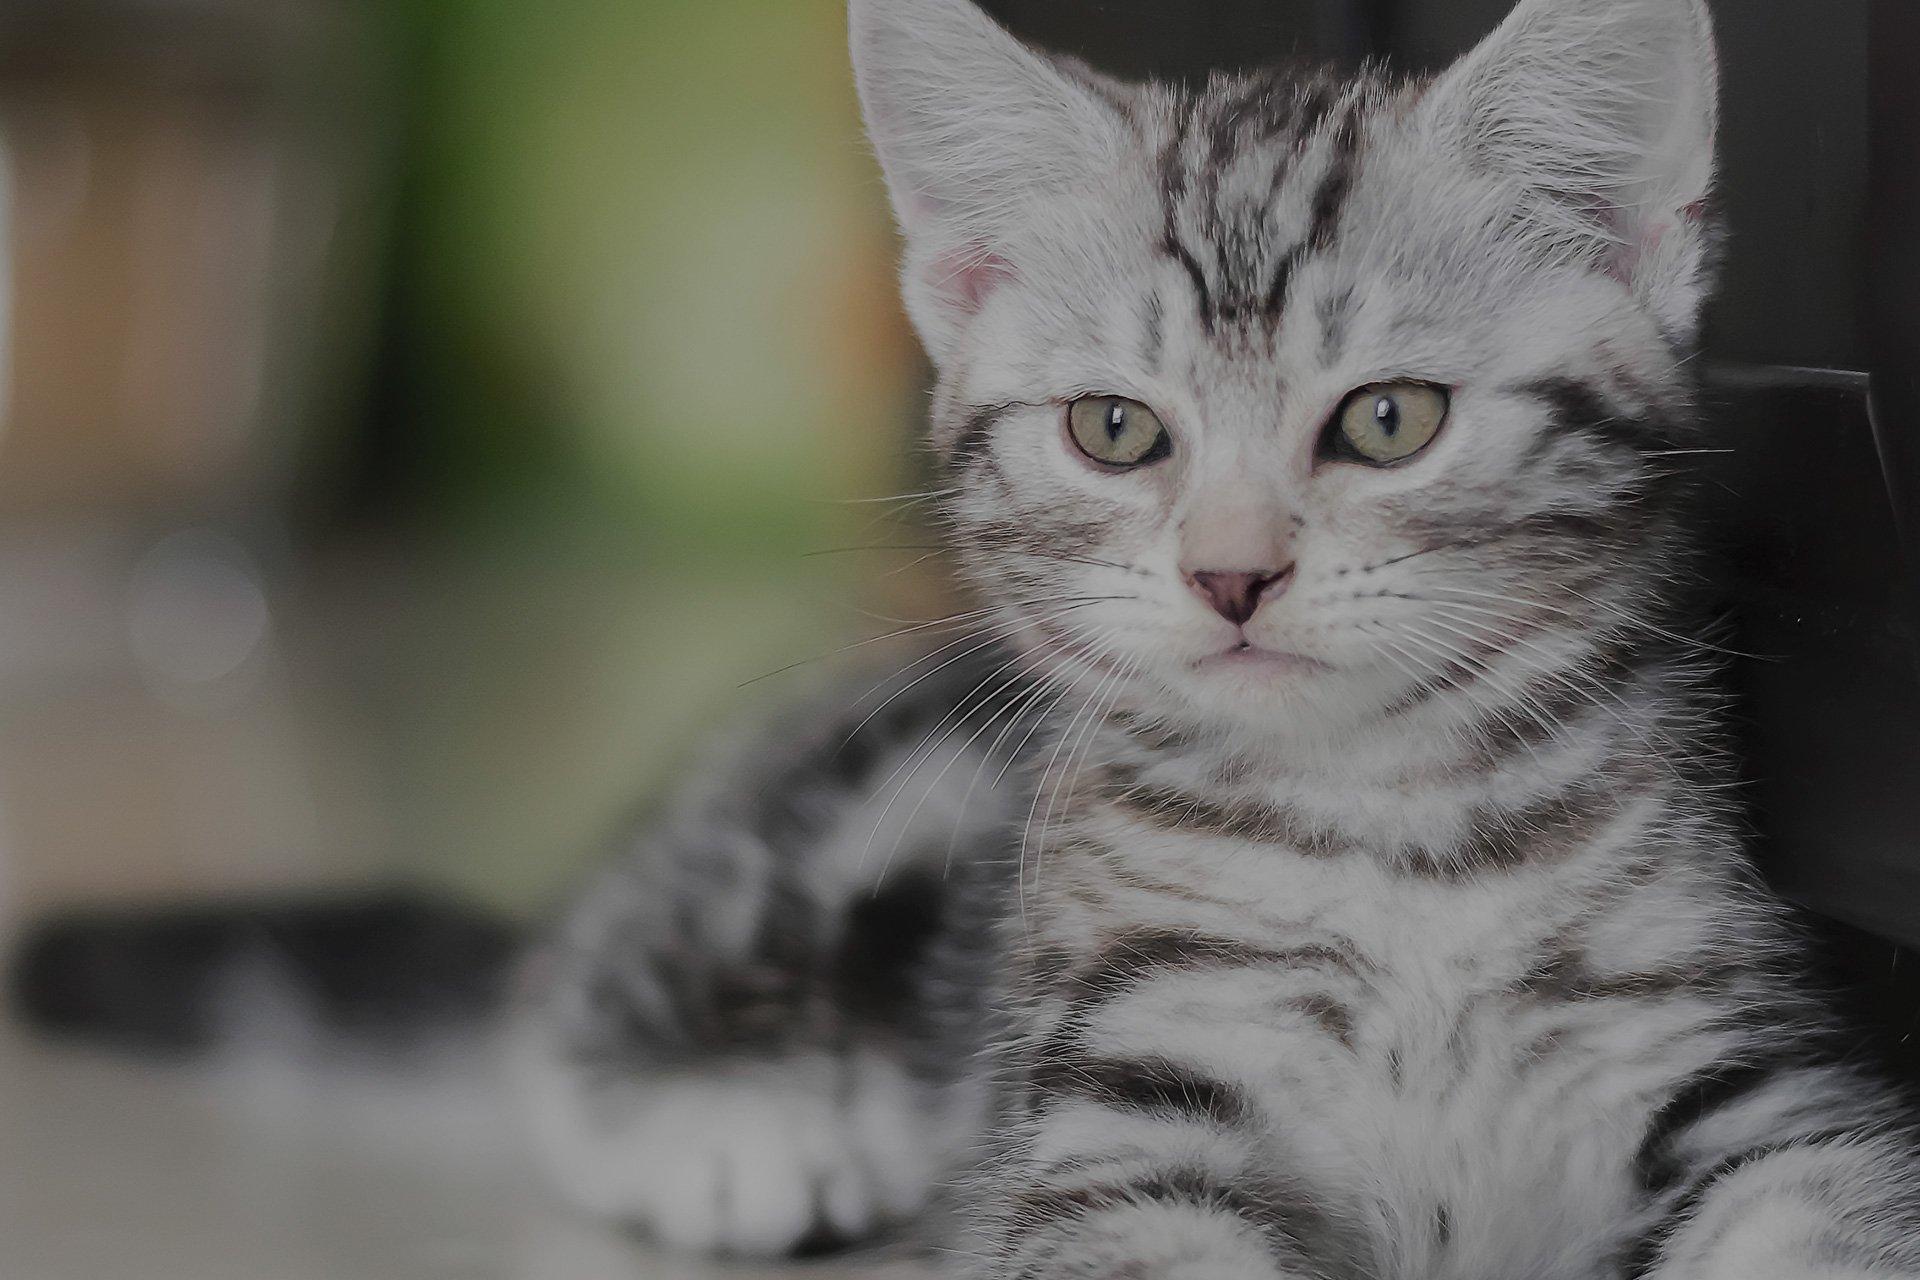 a cat sitting